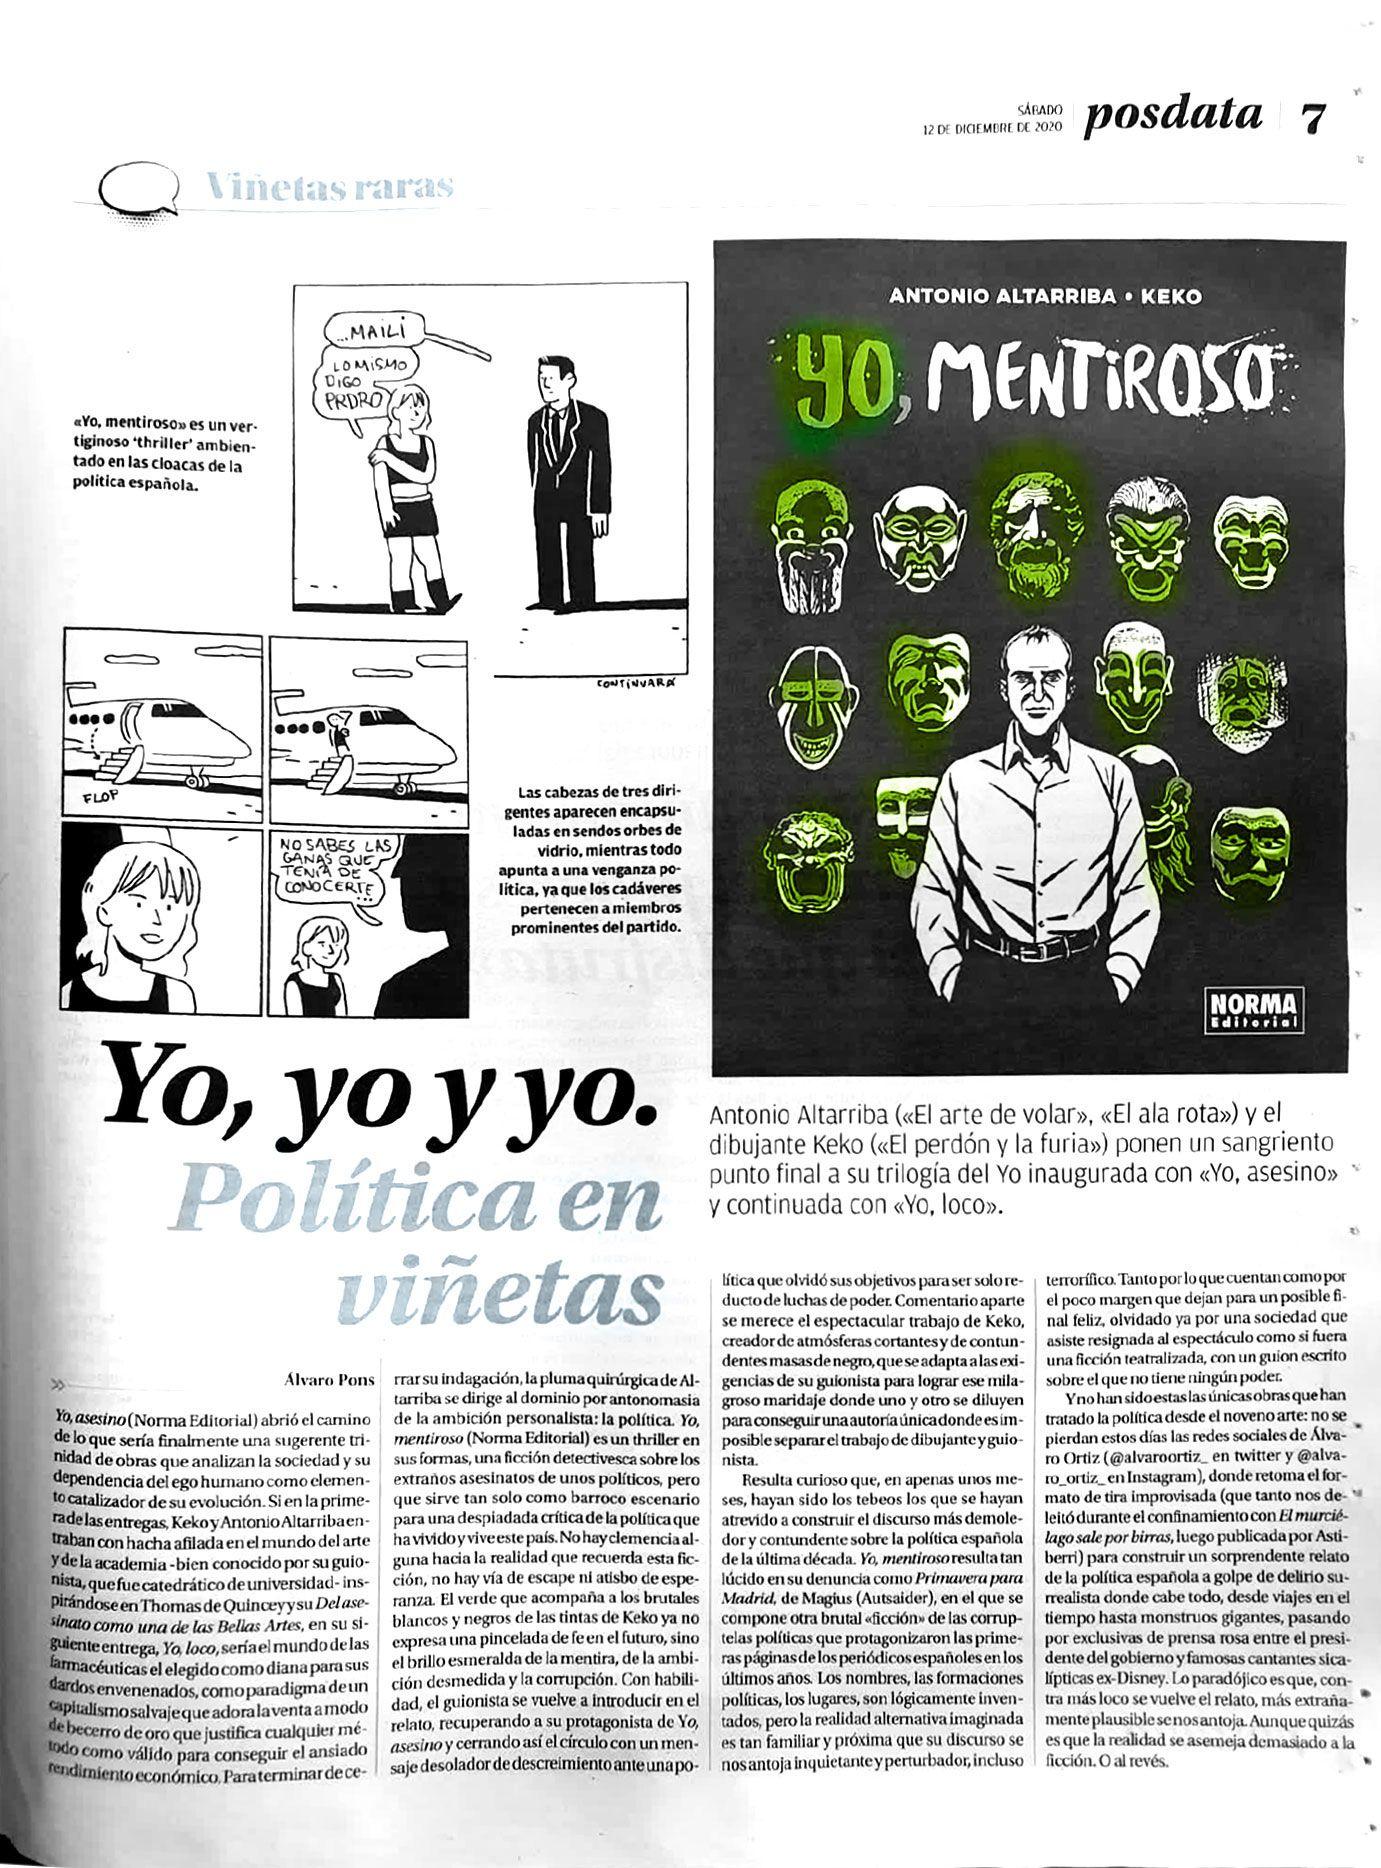 Artículo Yo, yo y yo: Política en viñetas